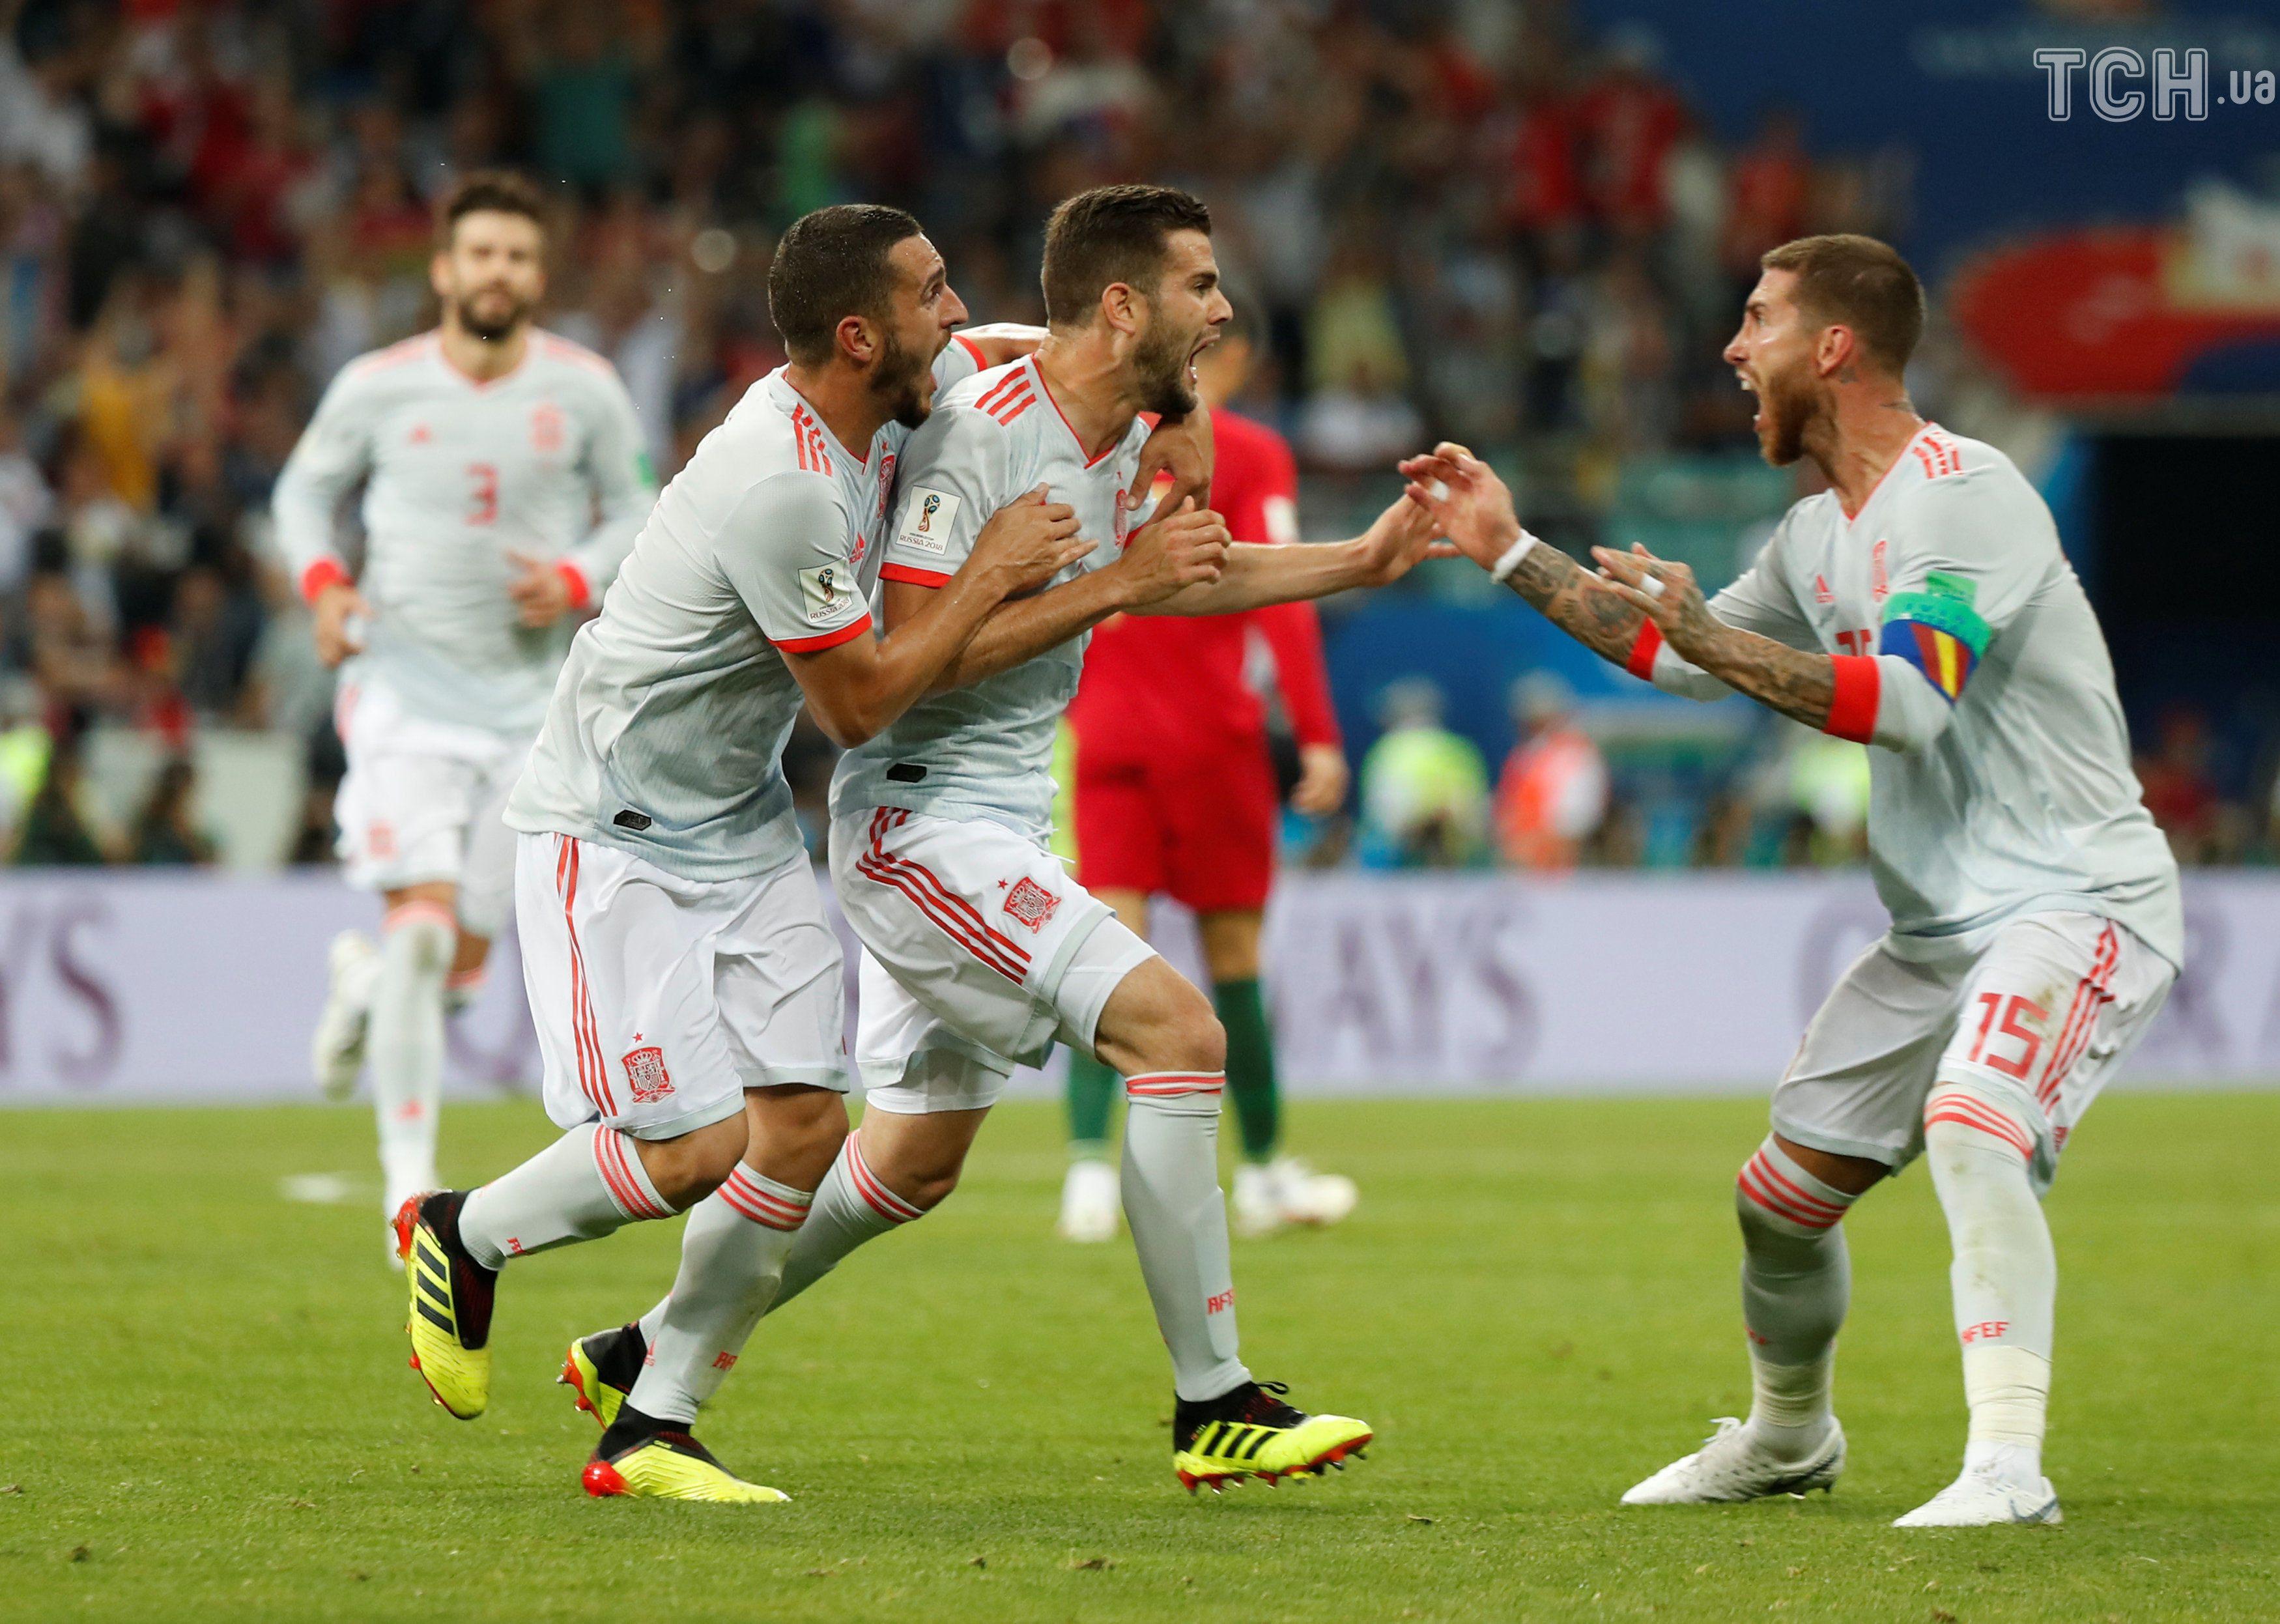 ЧС-2018: Збірні Португалії та Іспанії зіграли внічию упершому турі